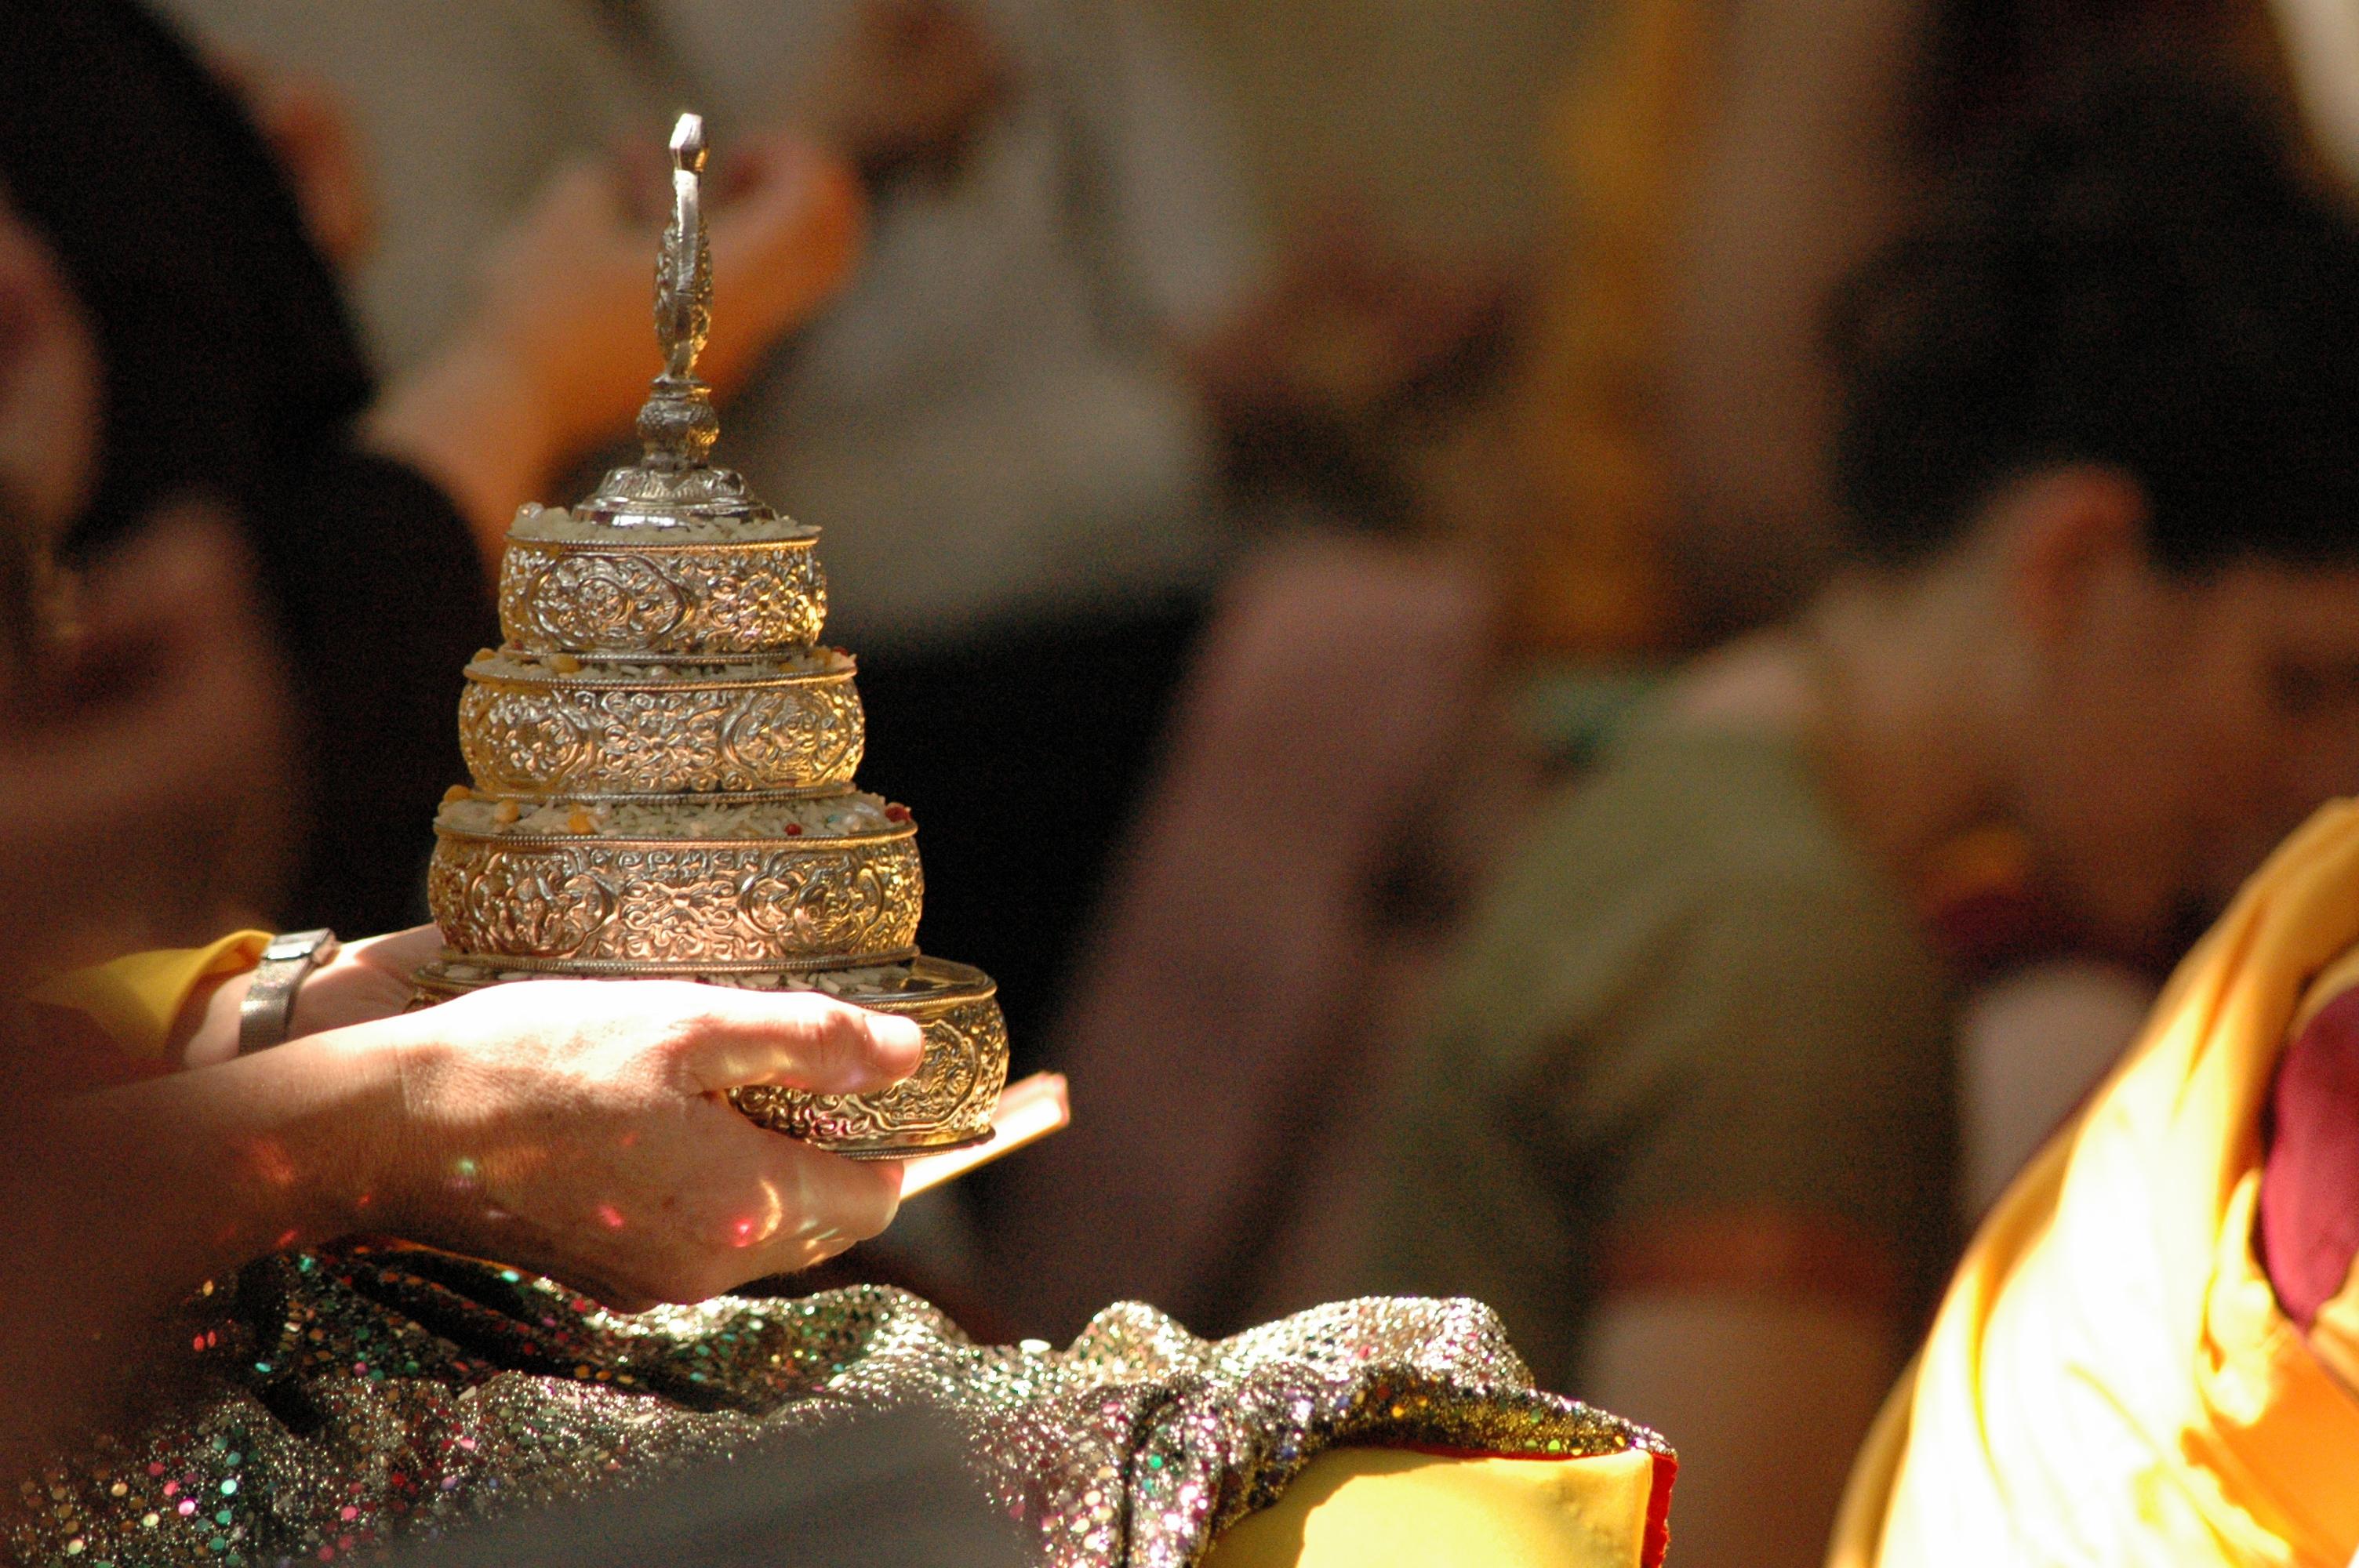 Oferenda de Mandala.